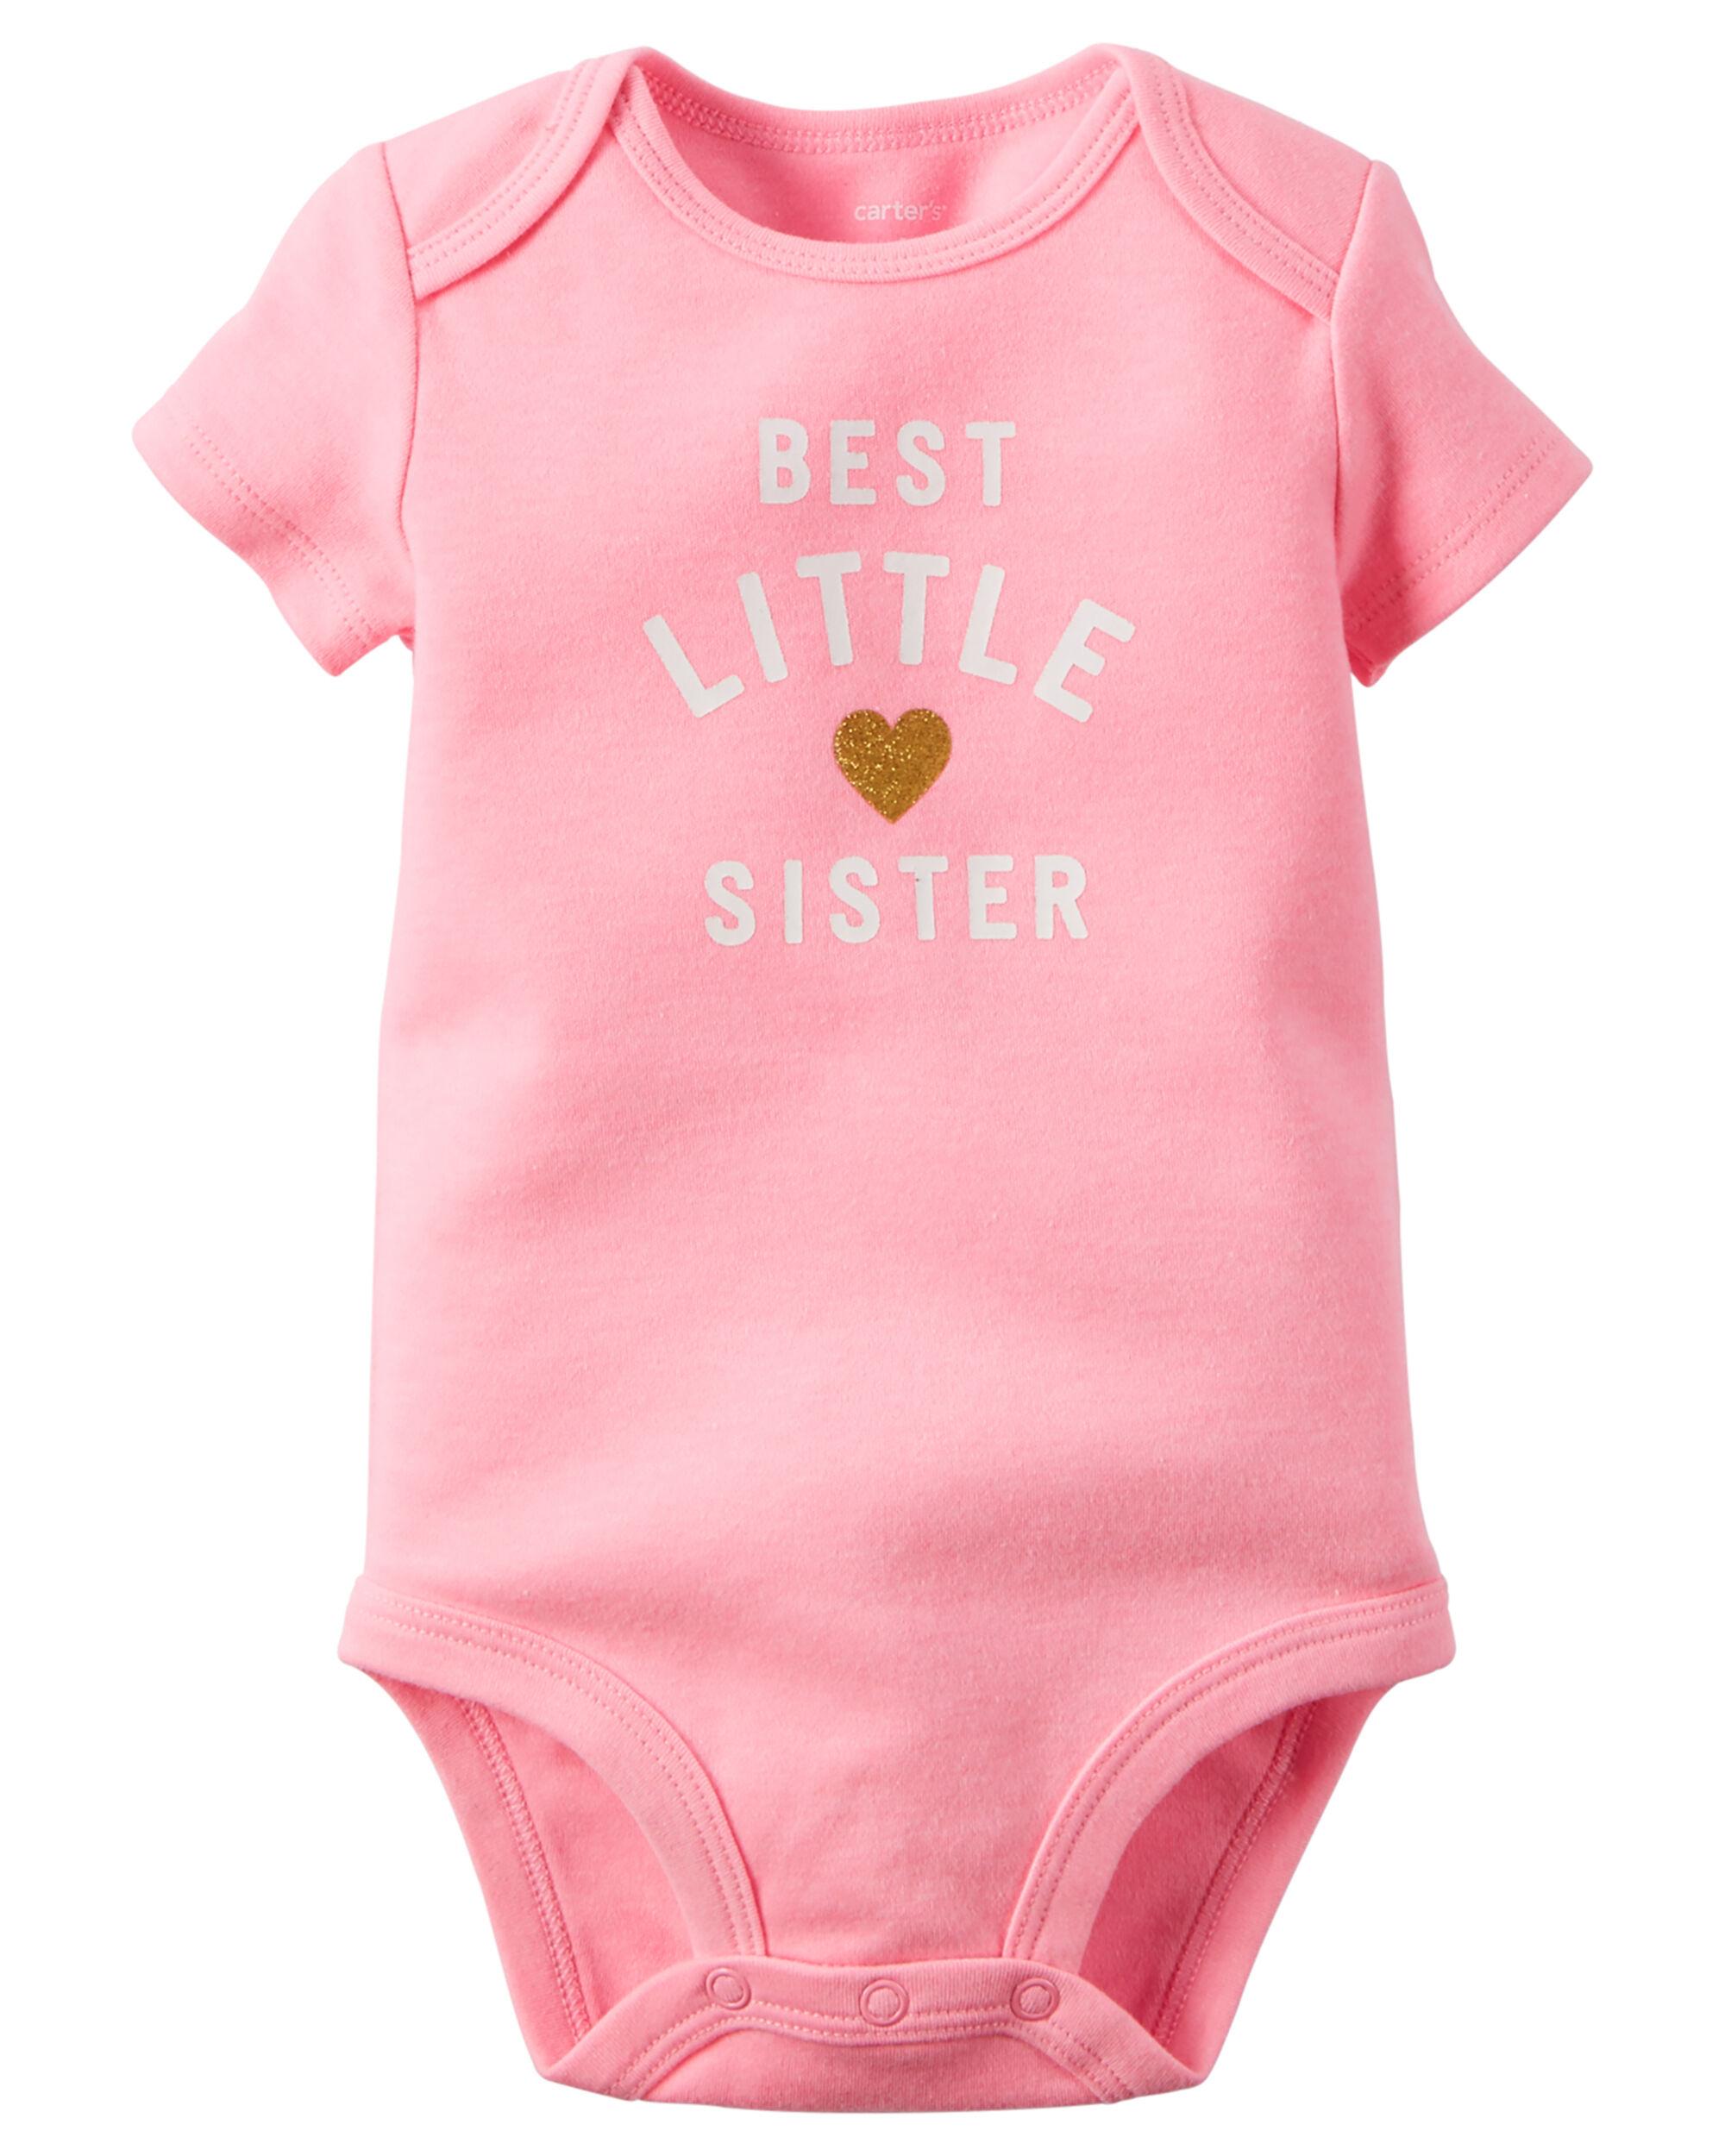 Best Little Sister Bodysuit